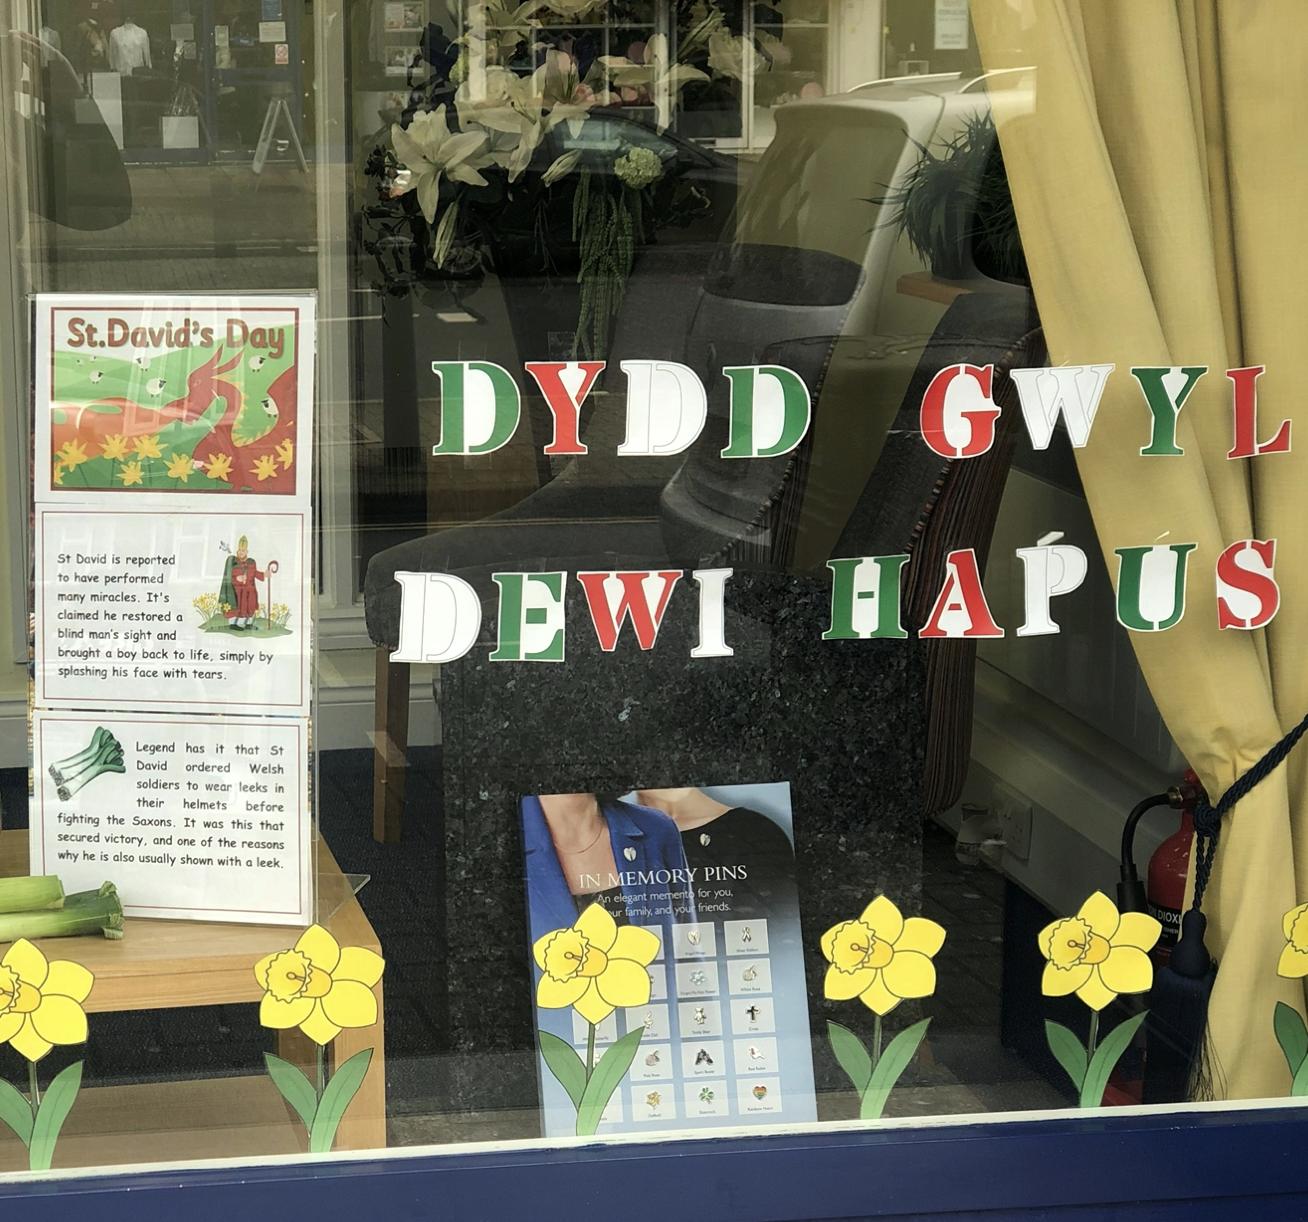 Dydd Gwyl Dewi Hapus from Lodge Brothers, Ham